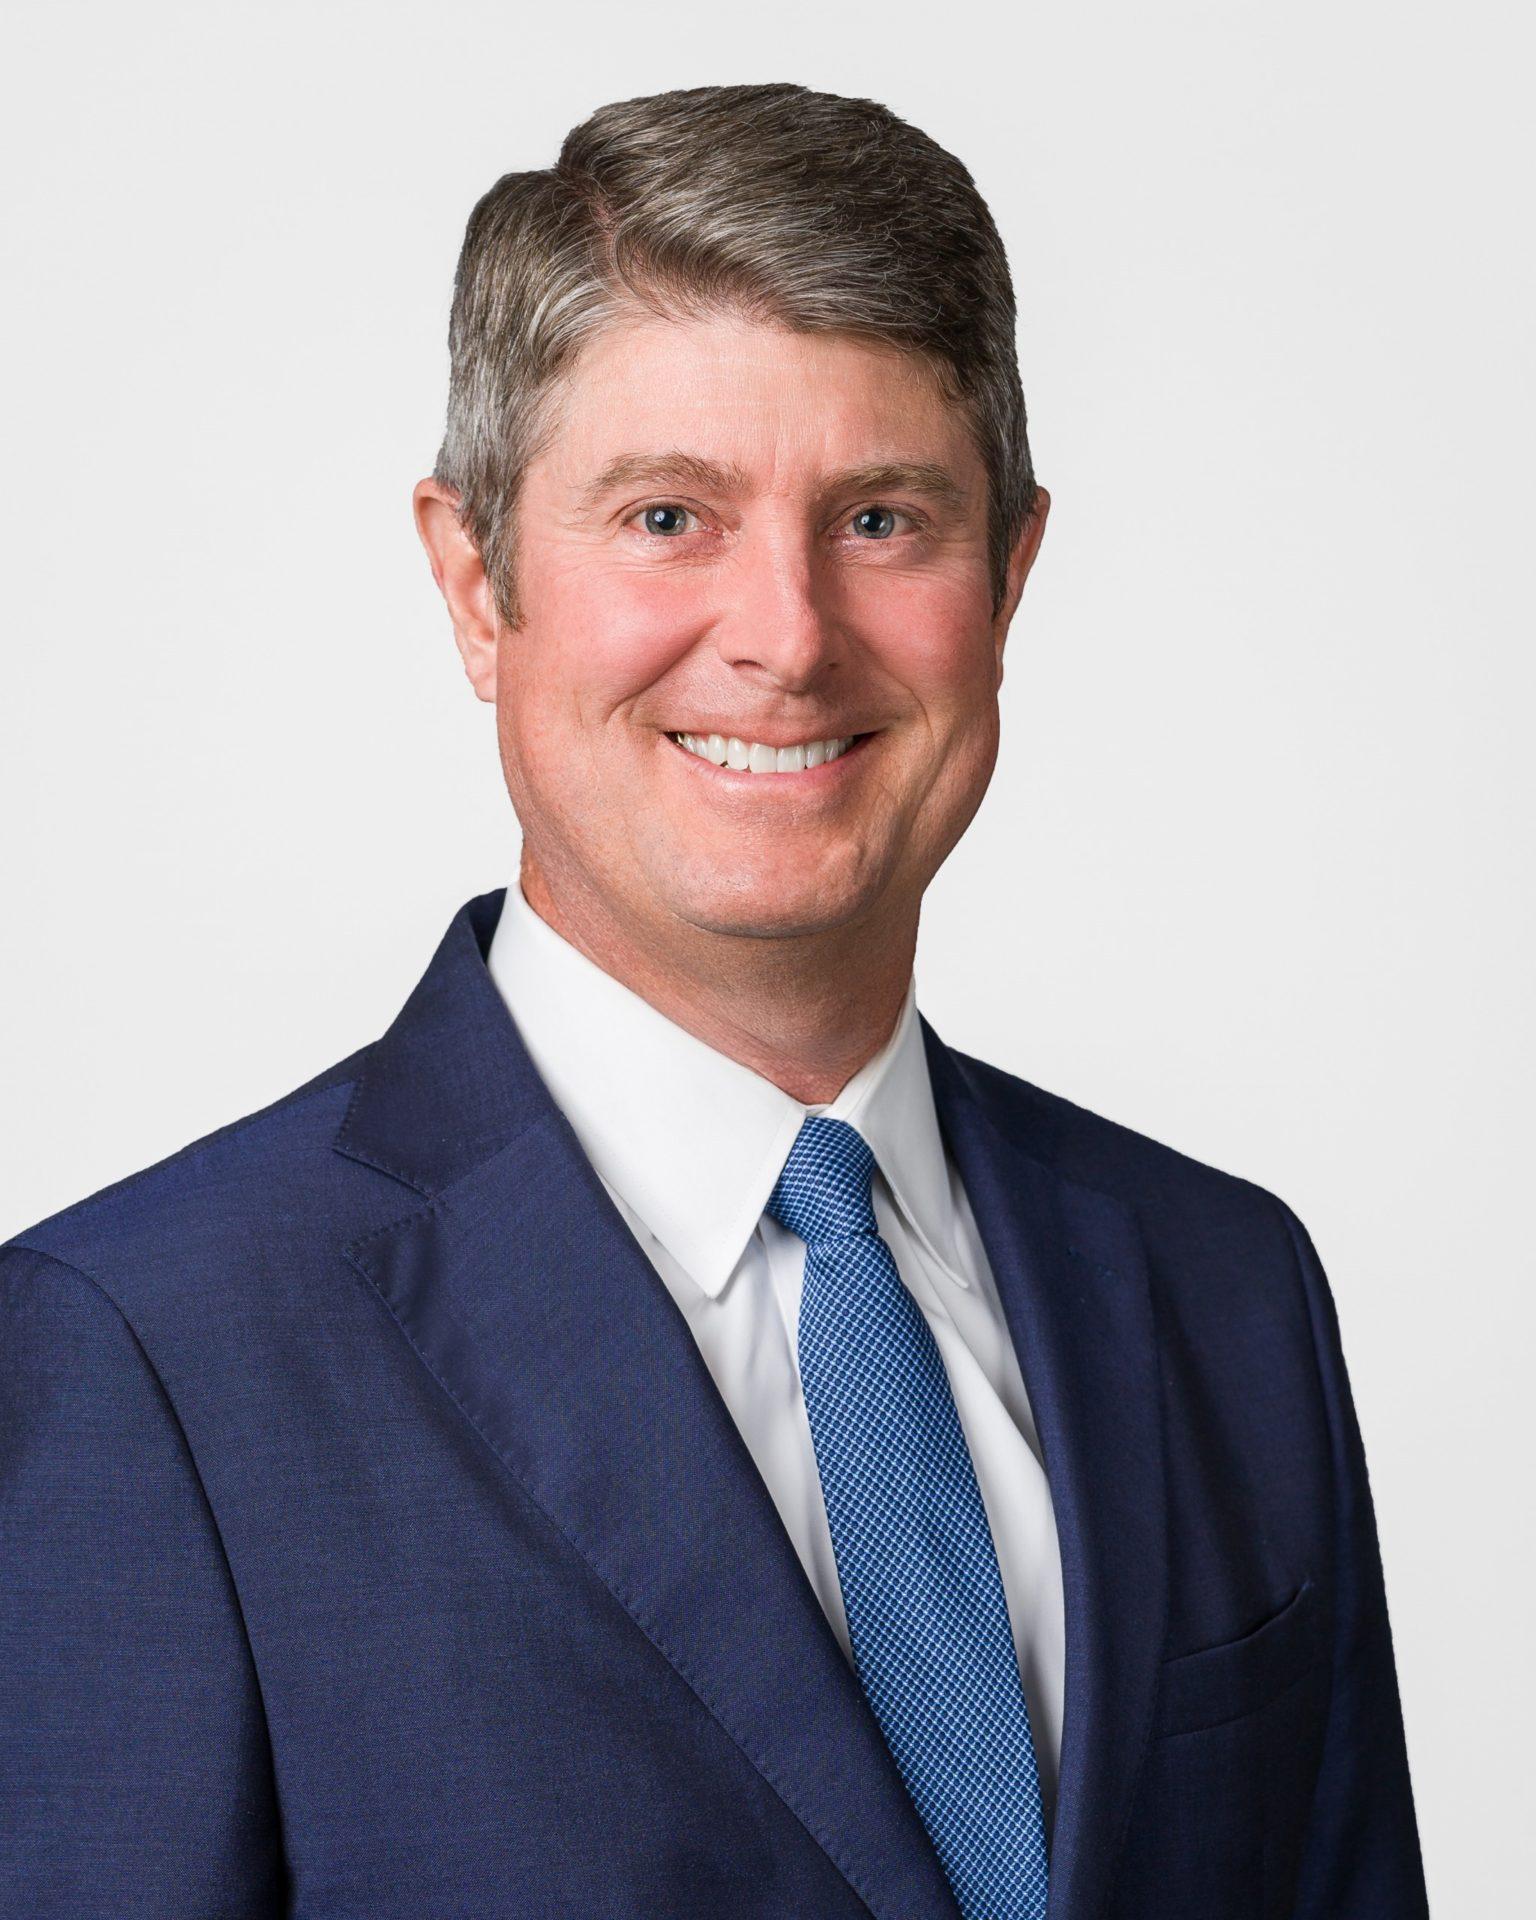 Daniel P. Lyon